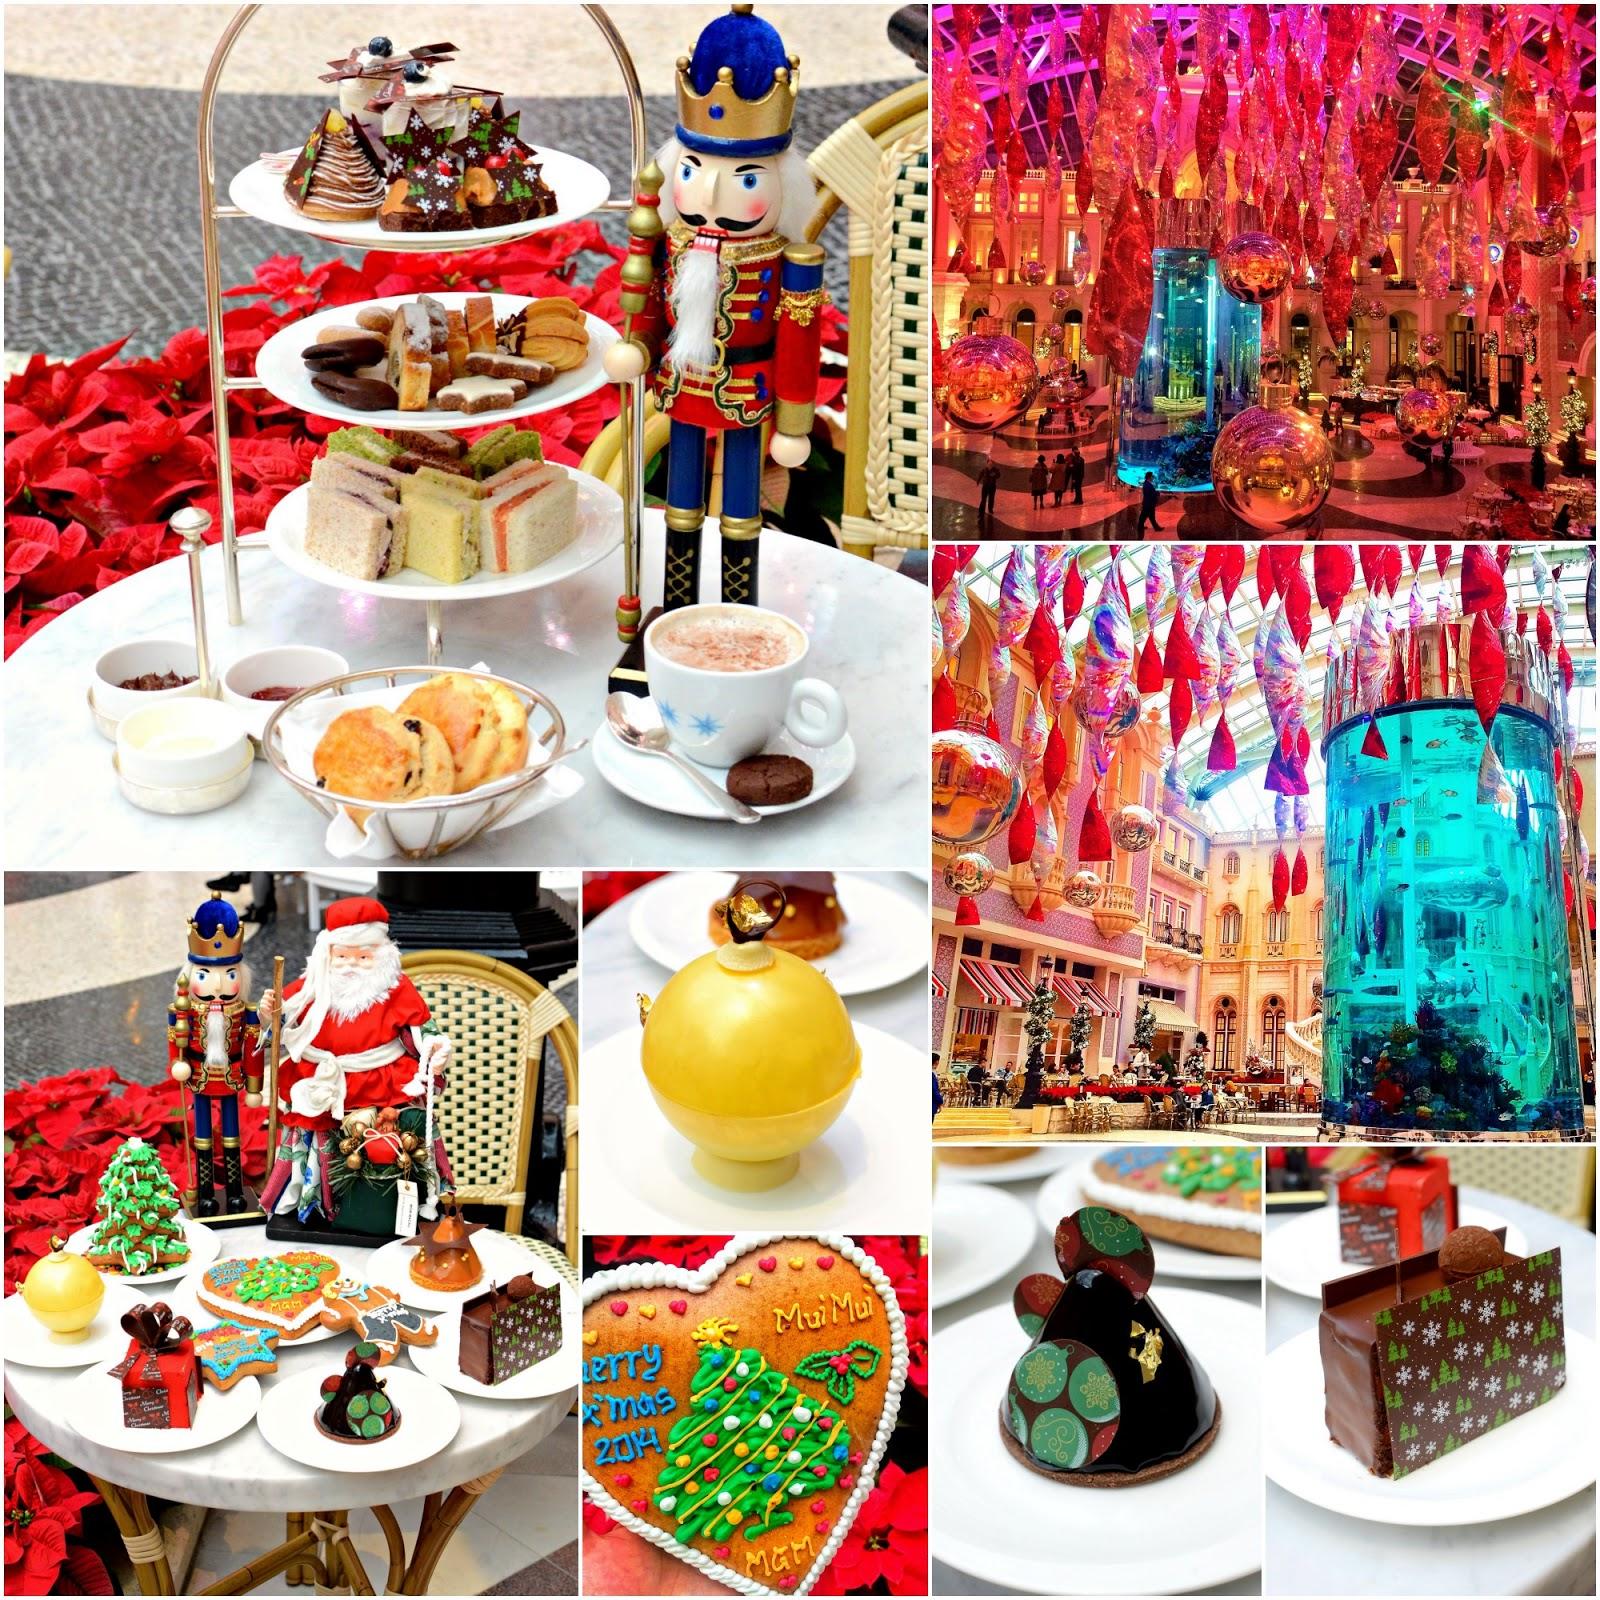 澳門:澳門美高梅MGM Macau - 聖誕下午茶及甜點 | Chocolate muimui | 品味生活 - fanpiece